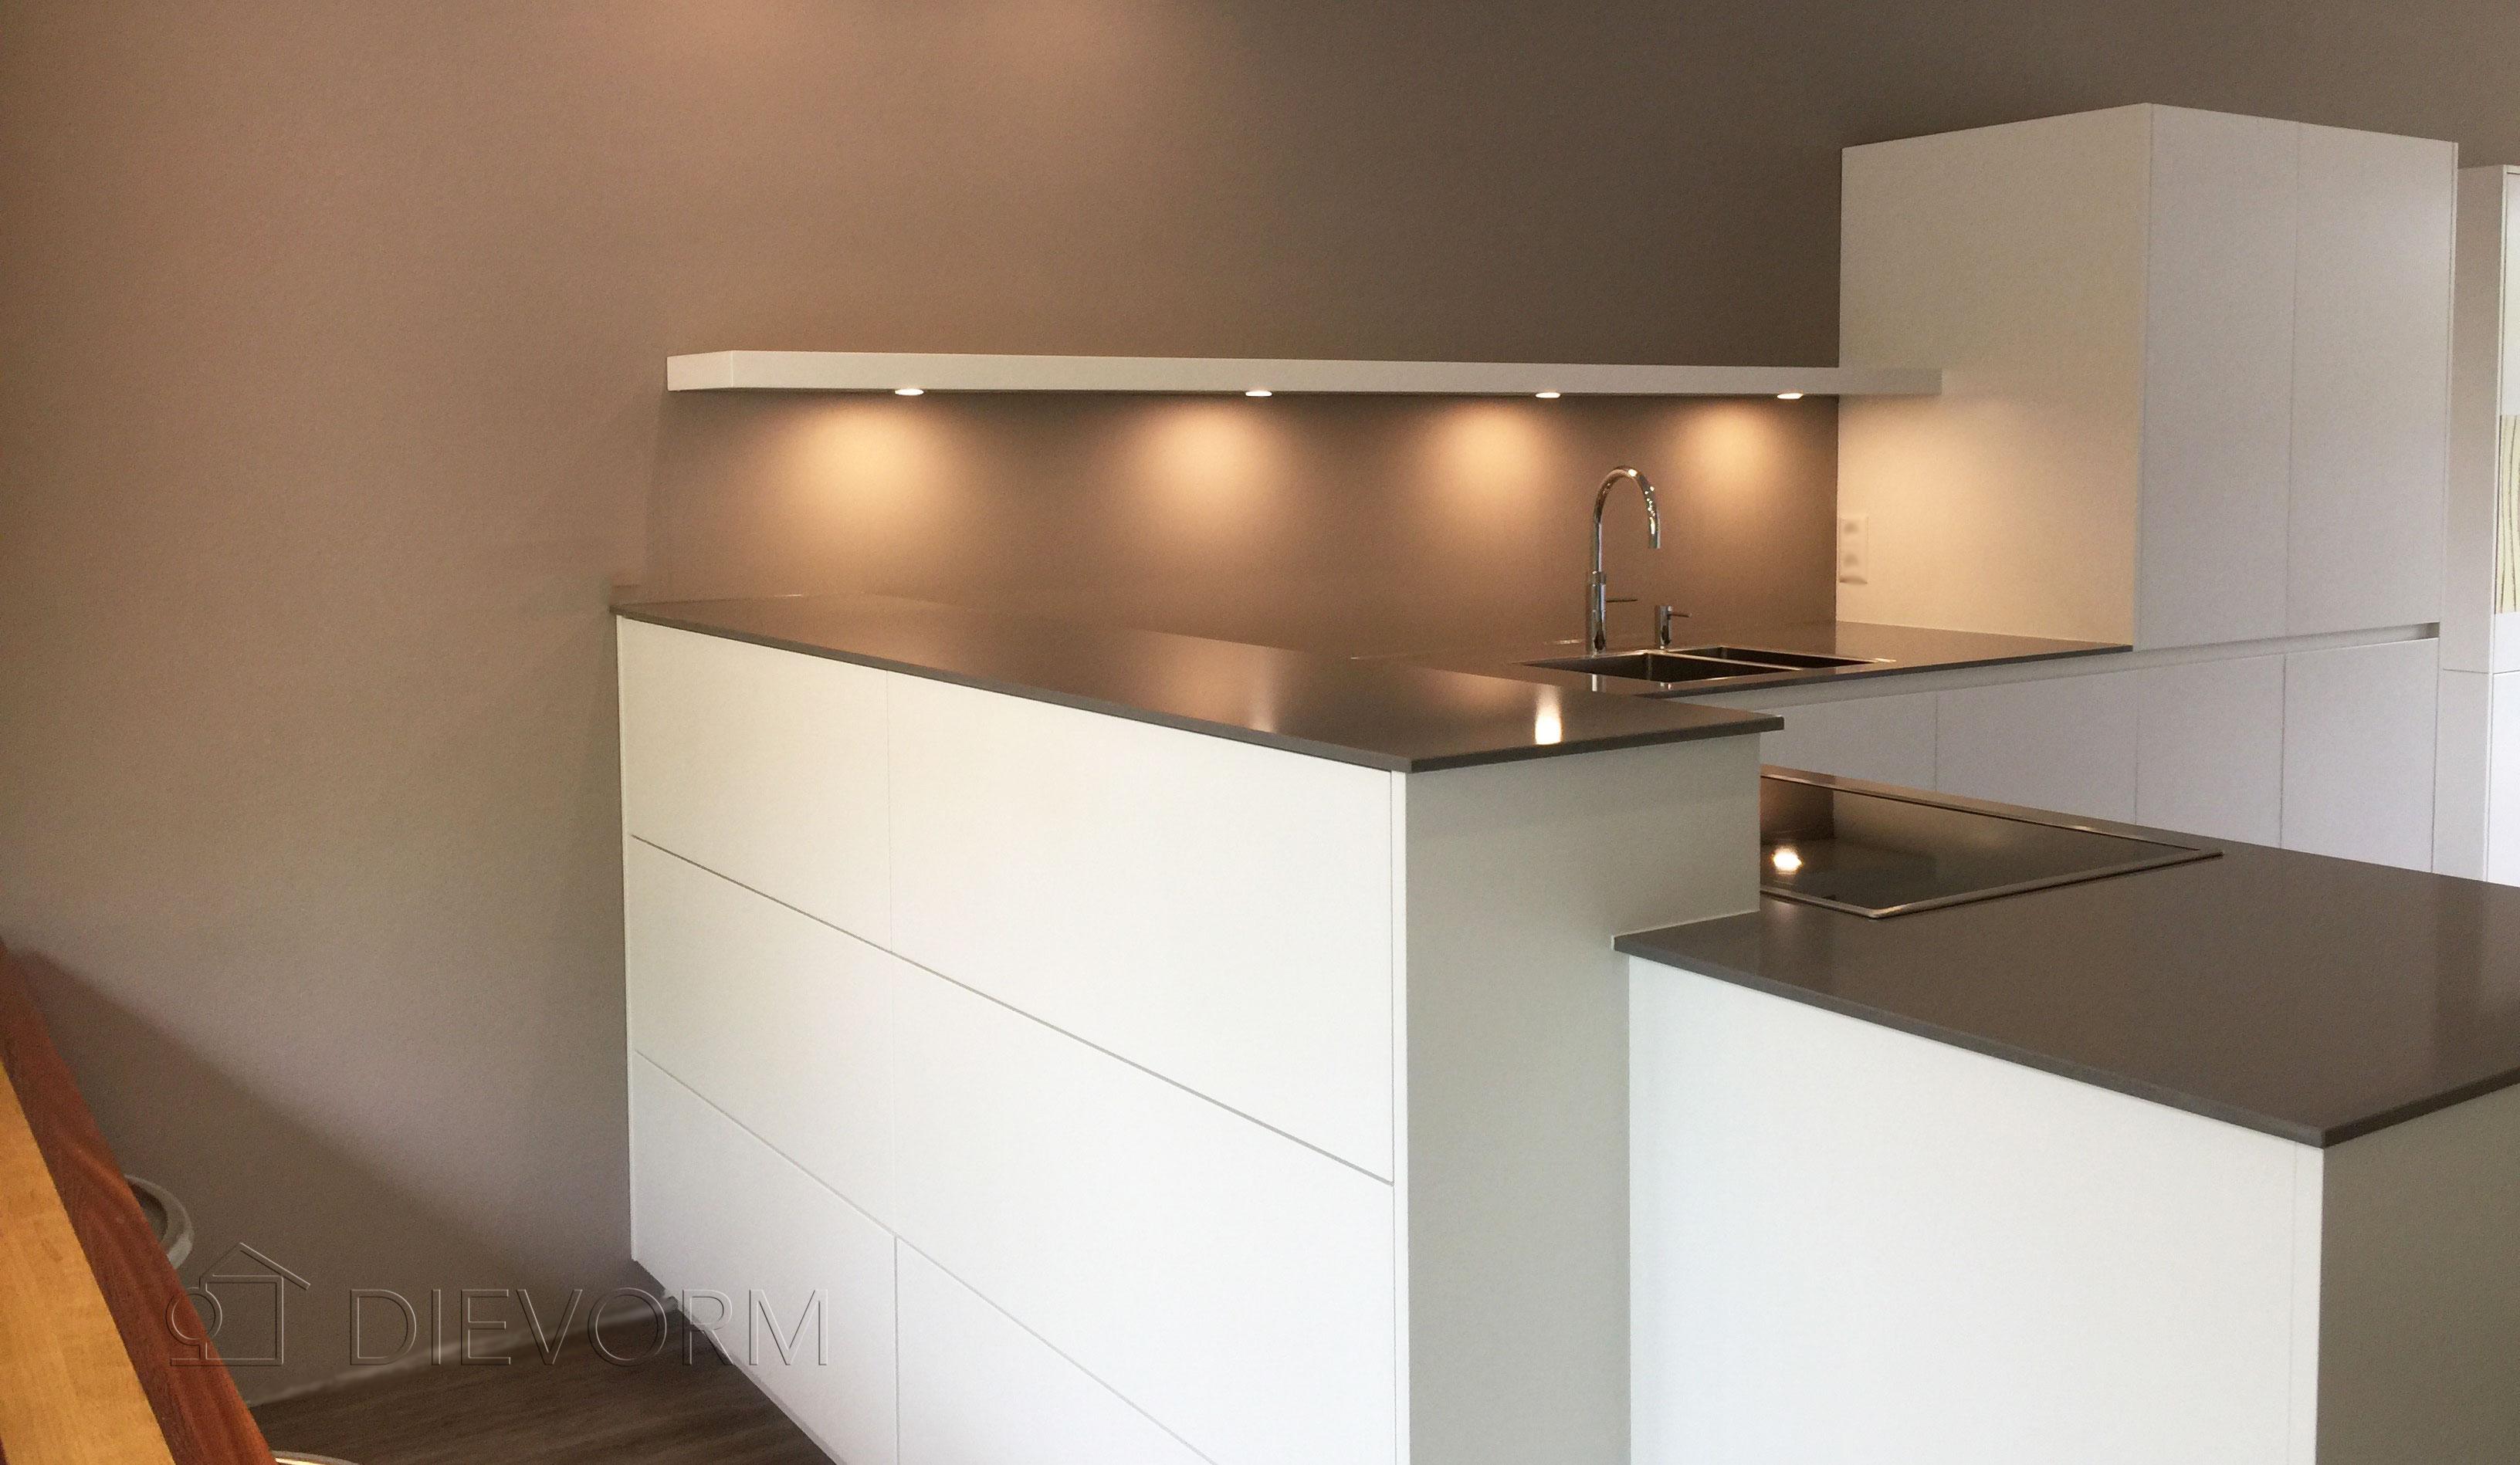 open keuken design arnhem dievorm